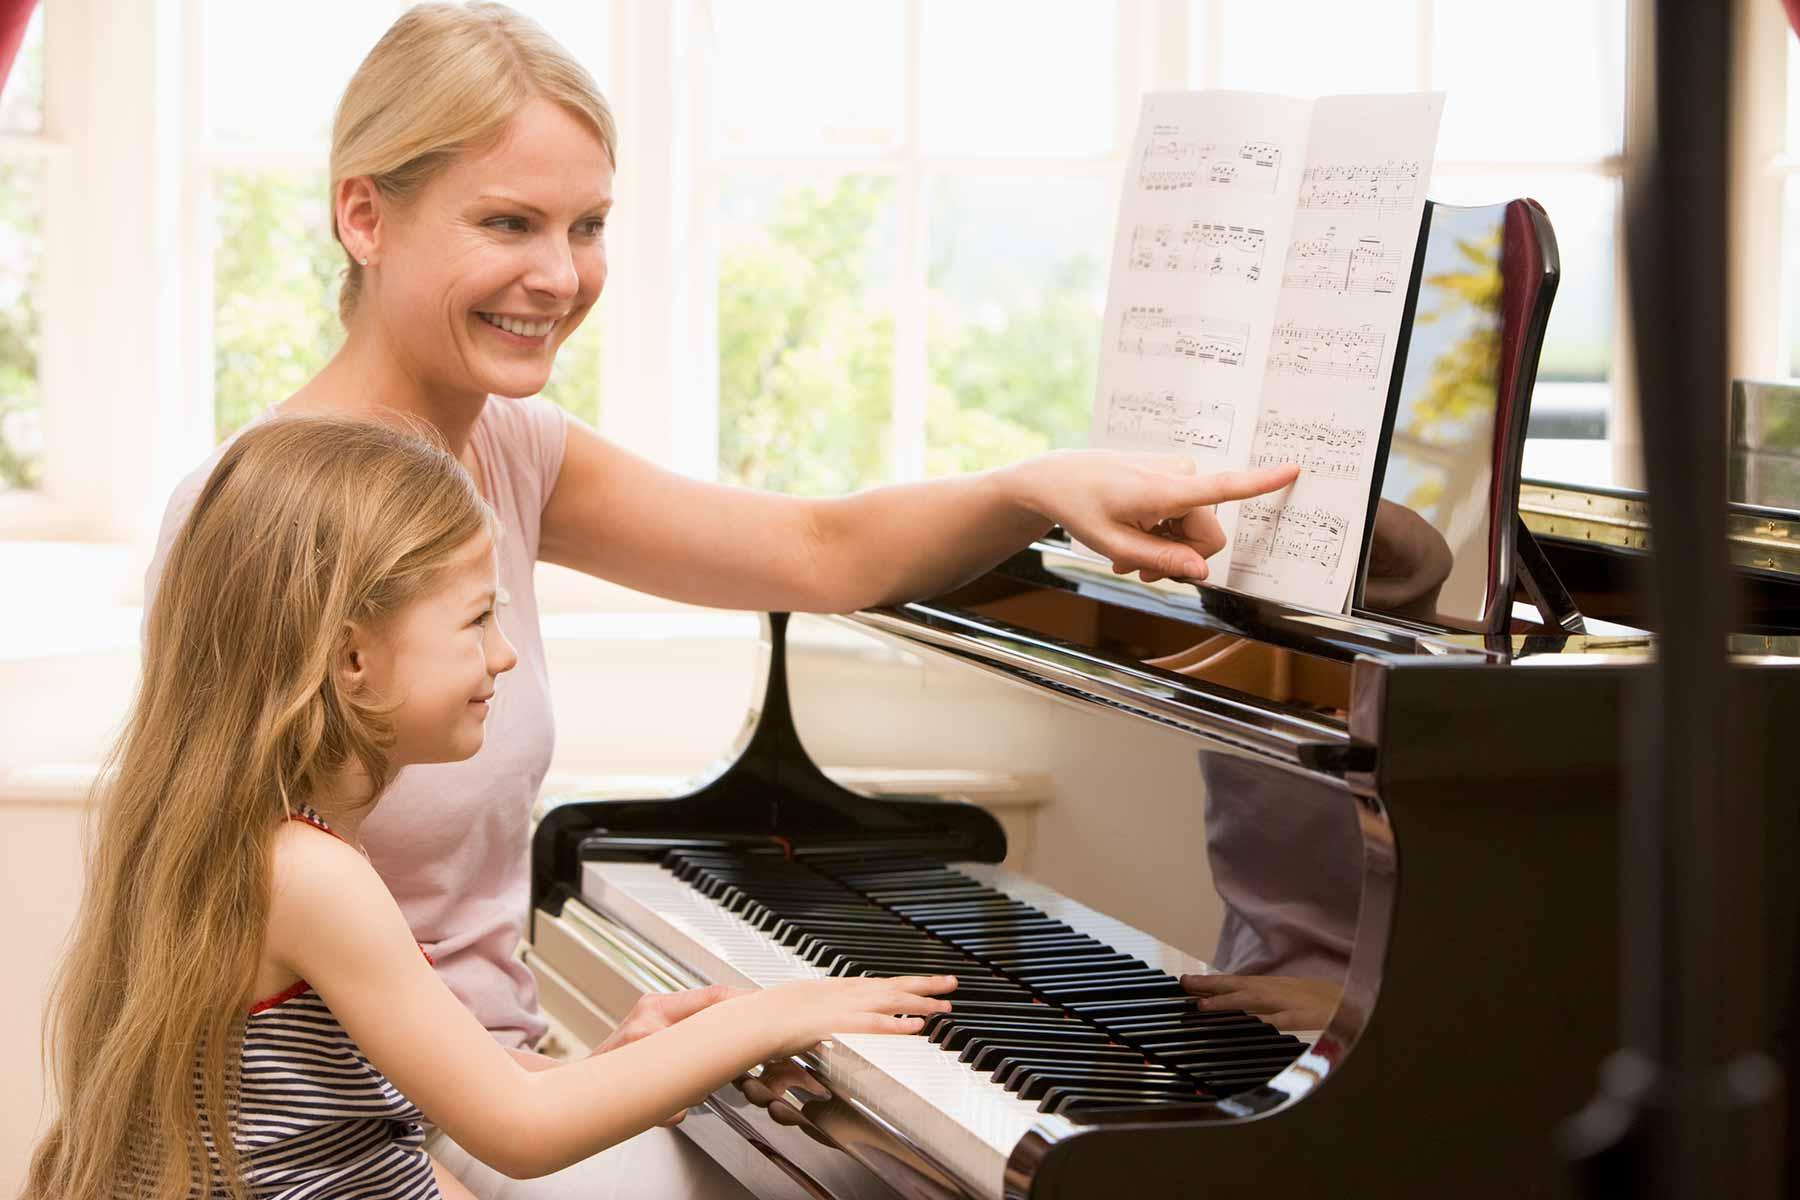 Klavier Spielen wie kann zum klavierlehrnen motivieren klavierunterricht in düsseldorf